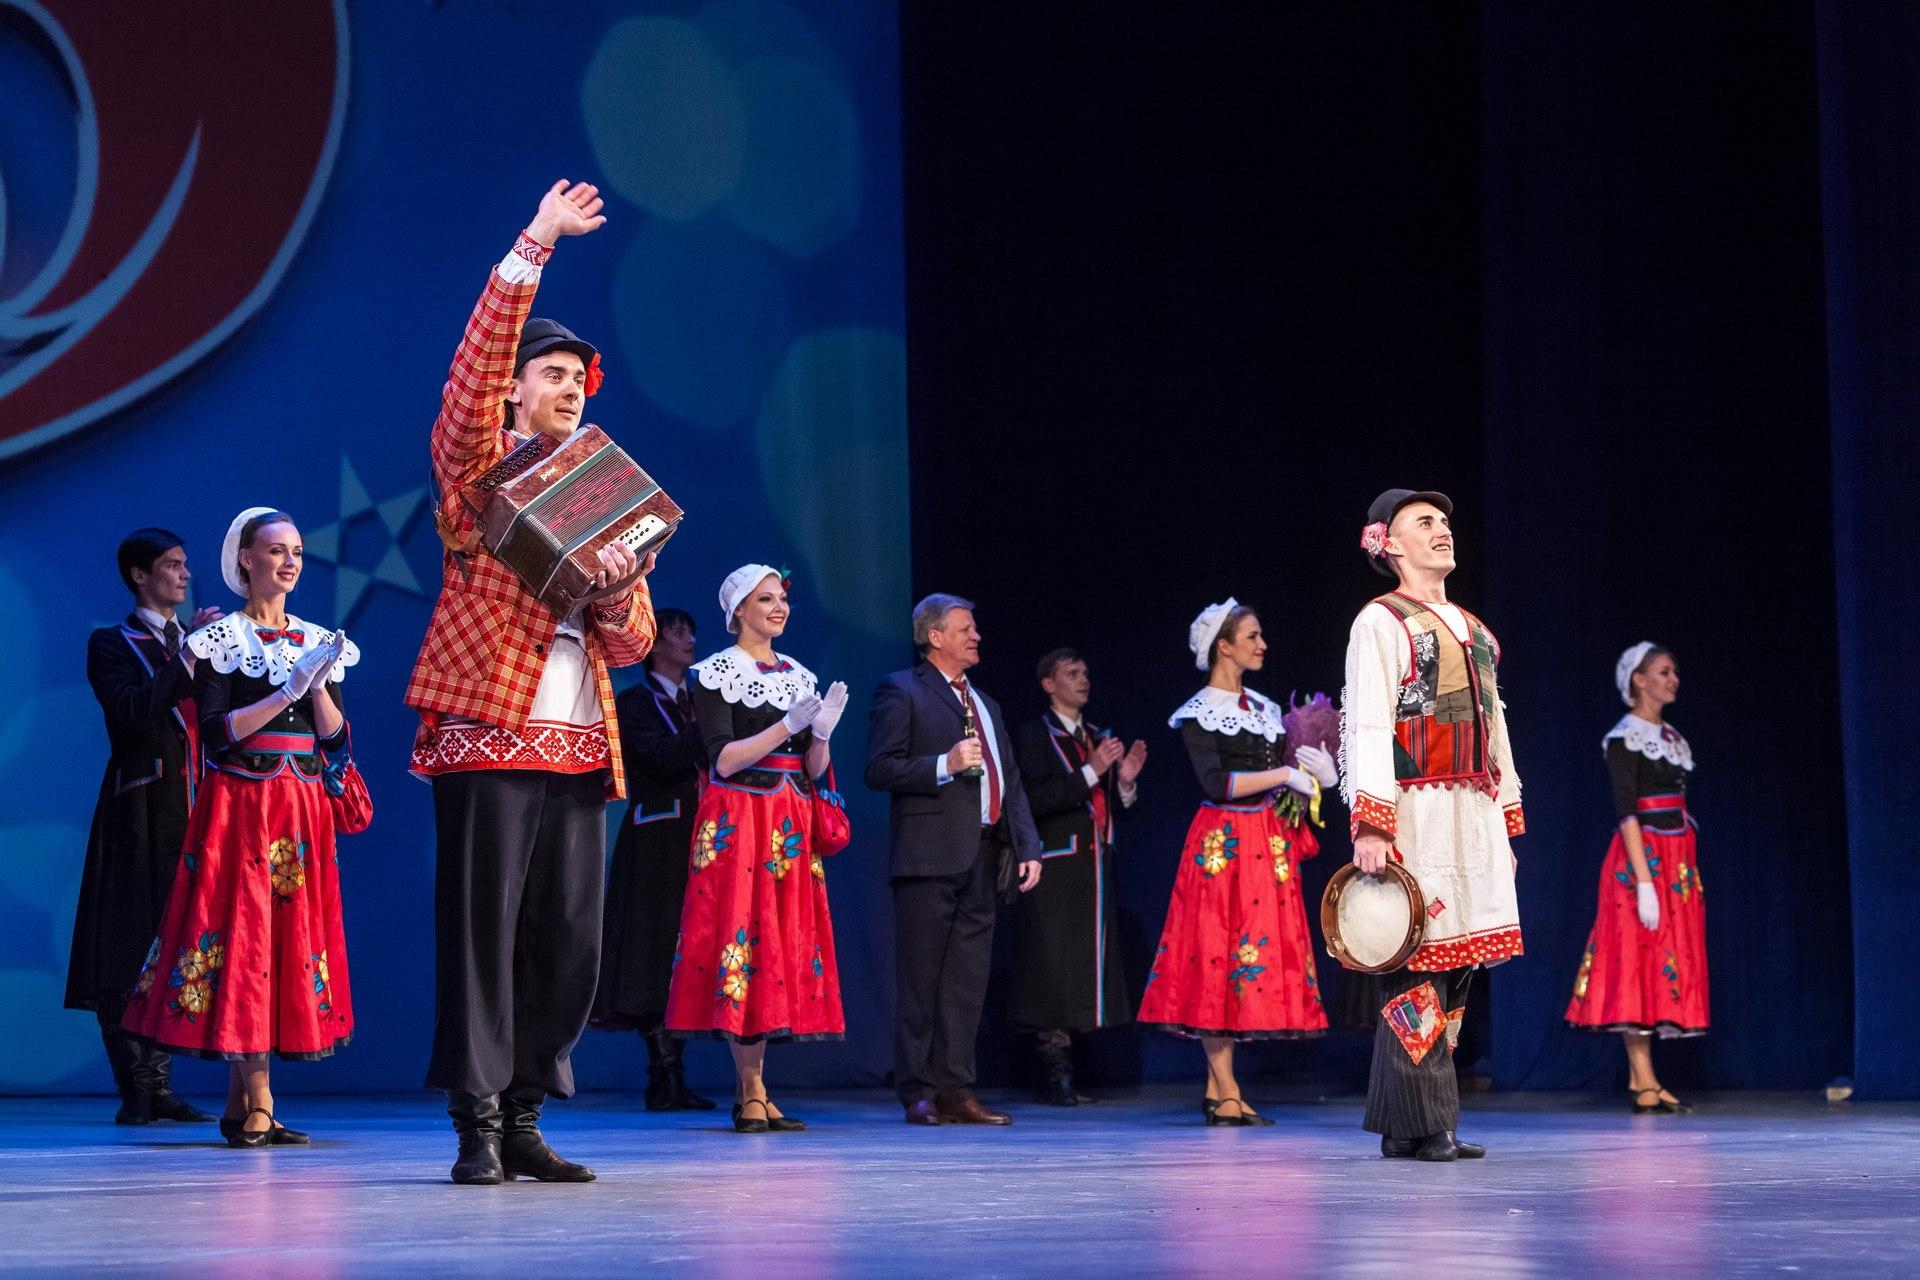 Зрители с восторгом посмотрели выступление ансамбля из Беларуси, открывшего фестиваль